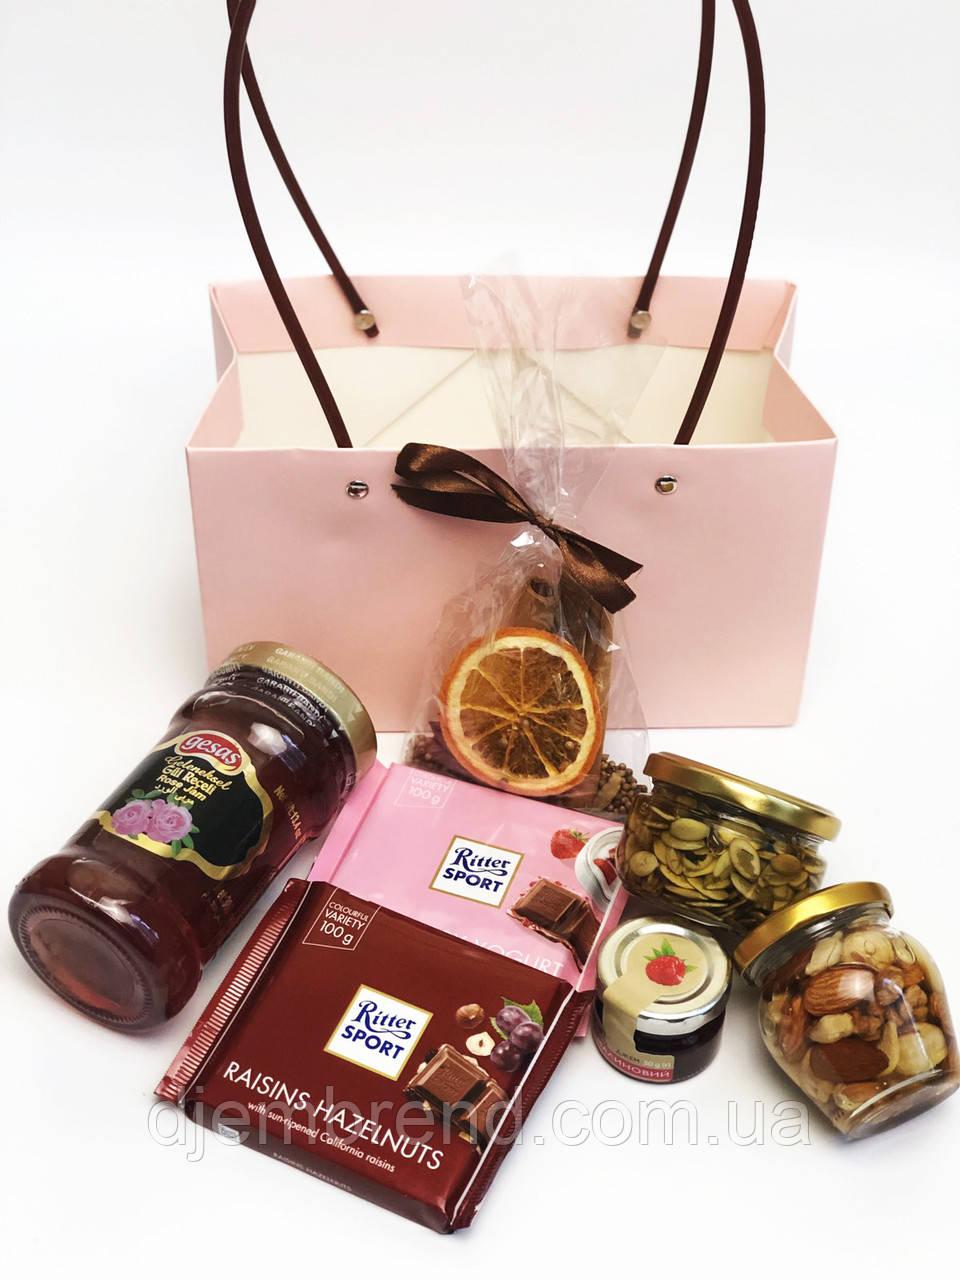 Подарочный набор Ritter Sport, мед в баночках, к Новому году